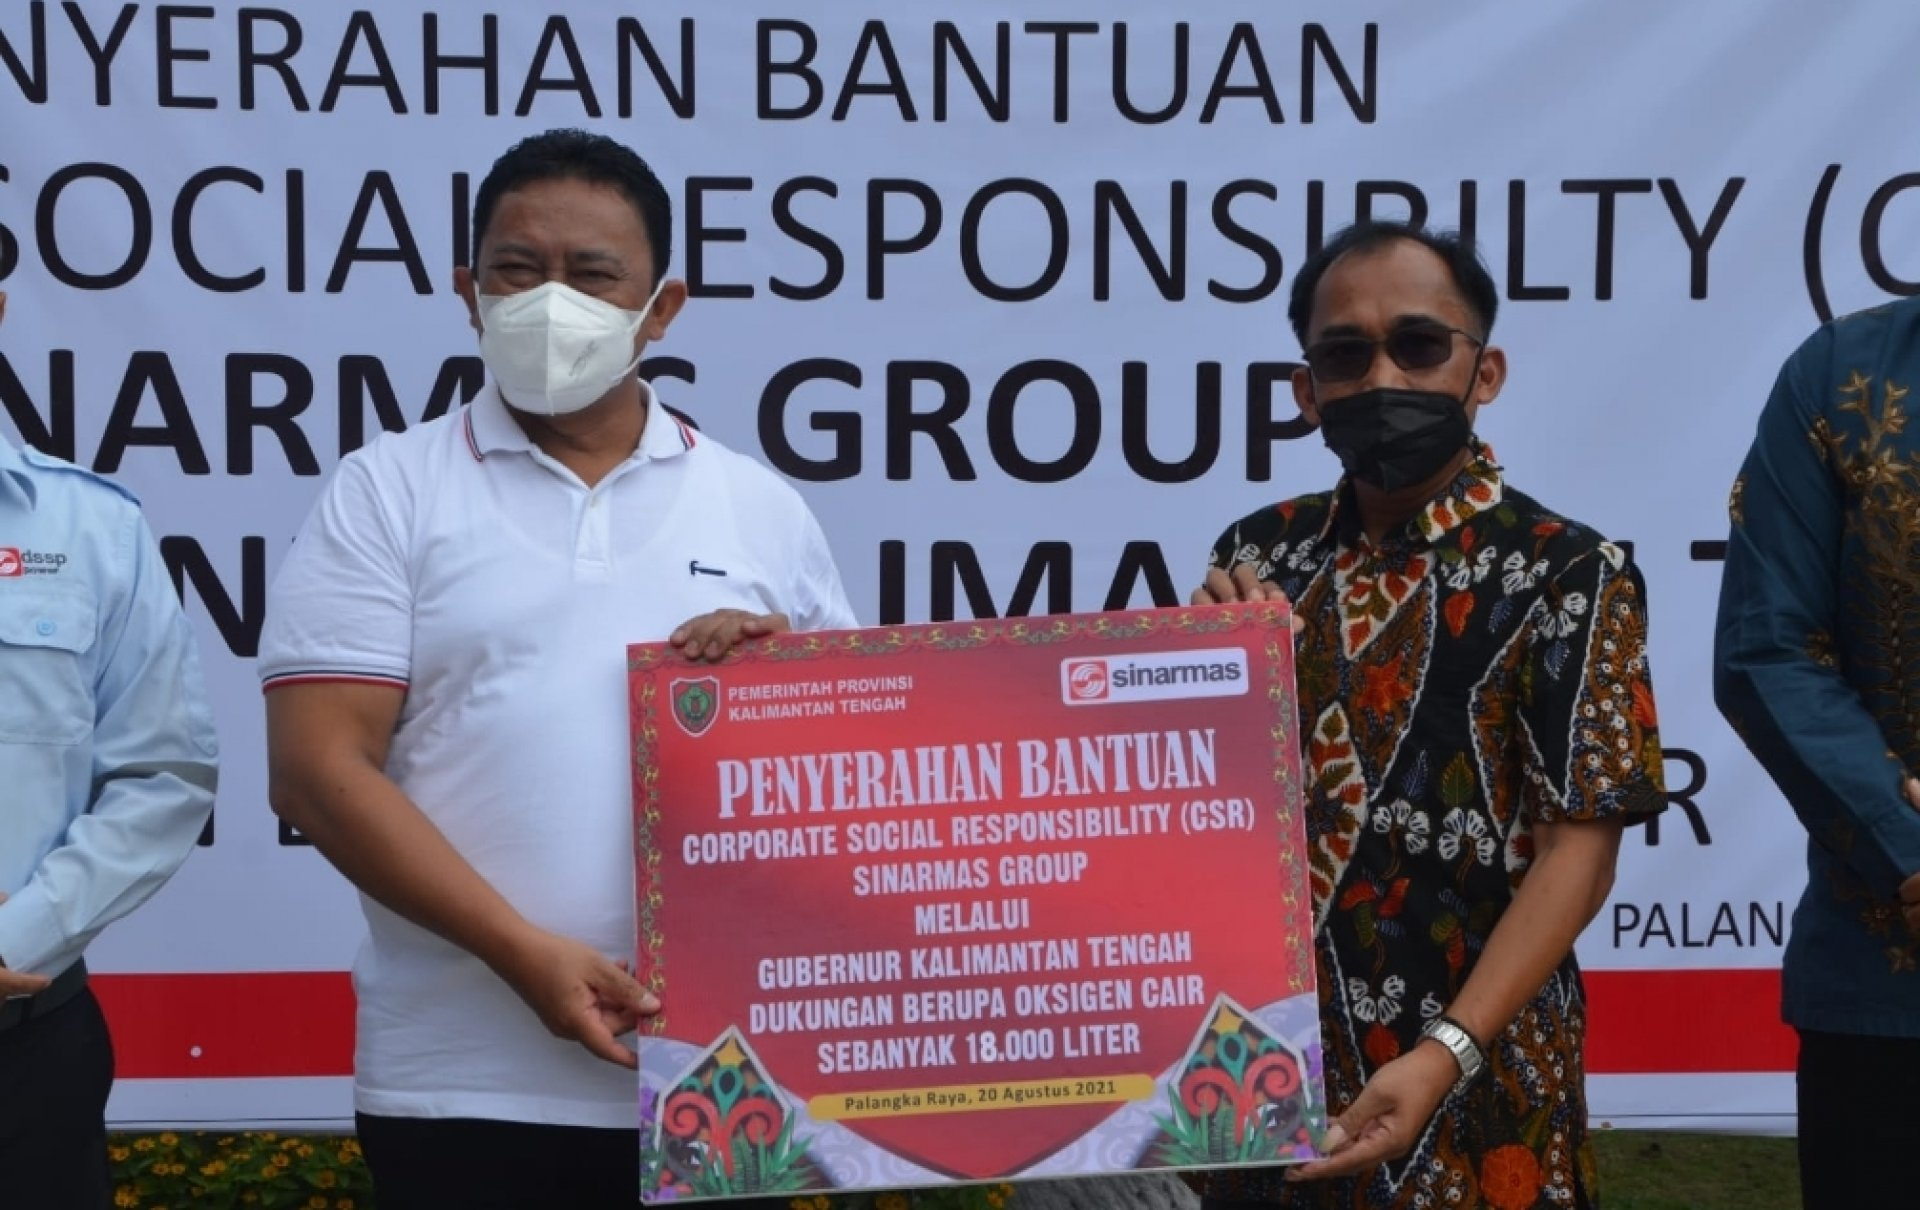 Kalteng Dapatkan Bantuan CSR 18 Ribu Liter Oksigen Cair dari Sinar Mas Group